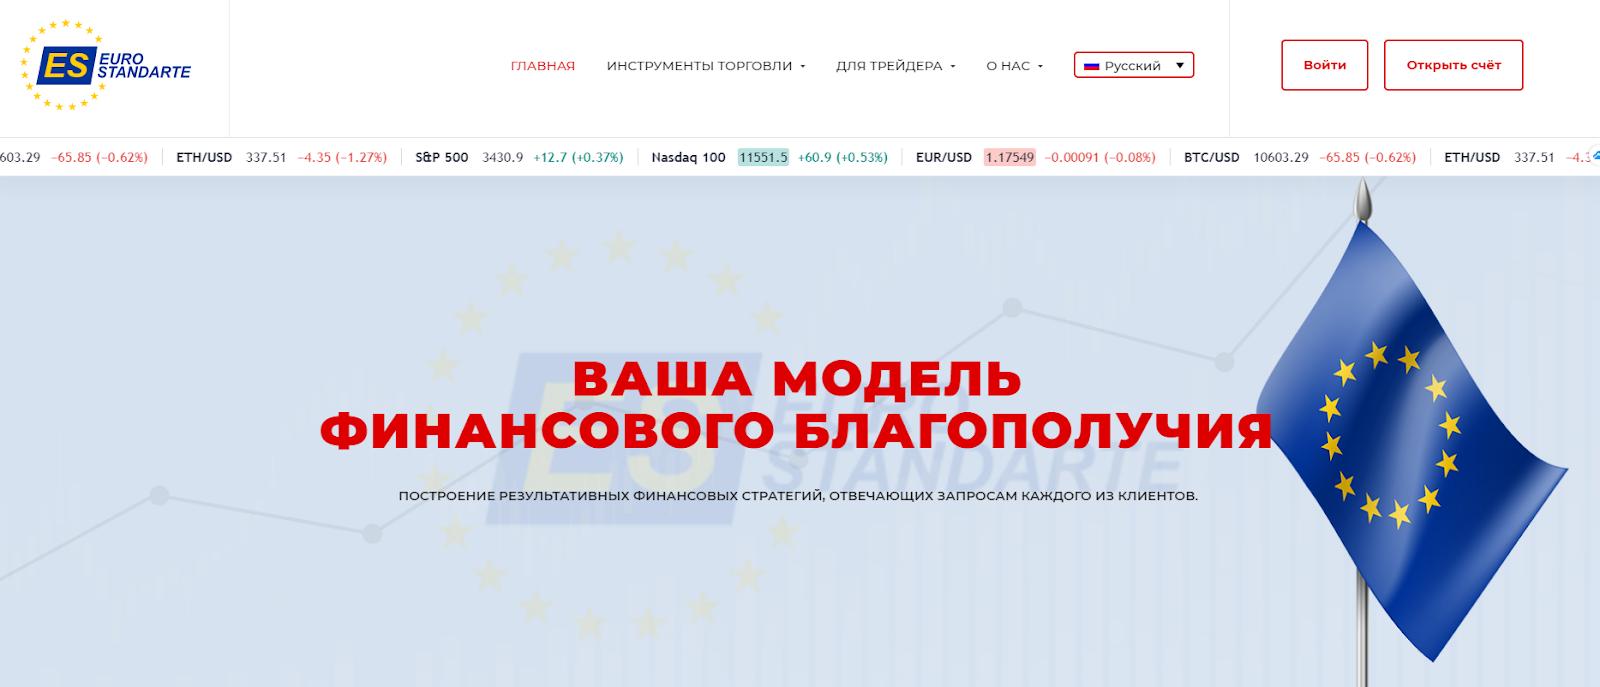 Обзор CFD-брокера Eurostandarte: тарифные планы и отзывы инвесторов